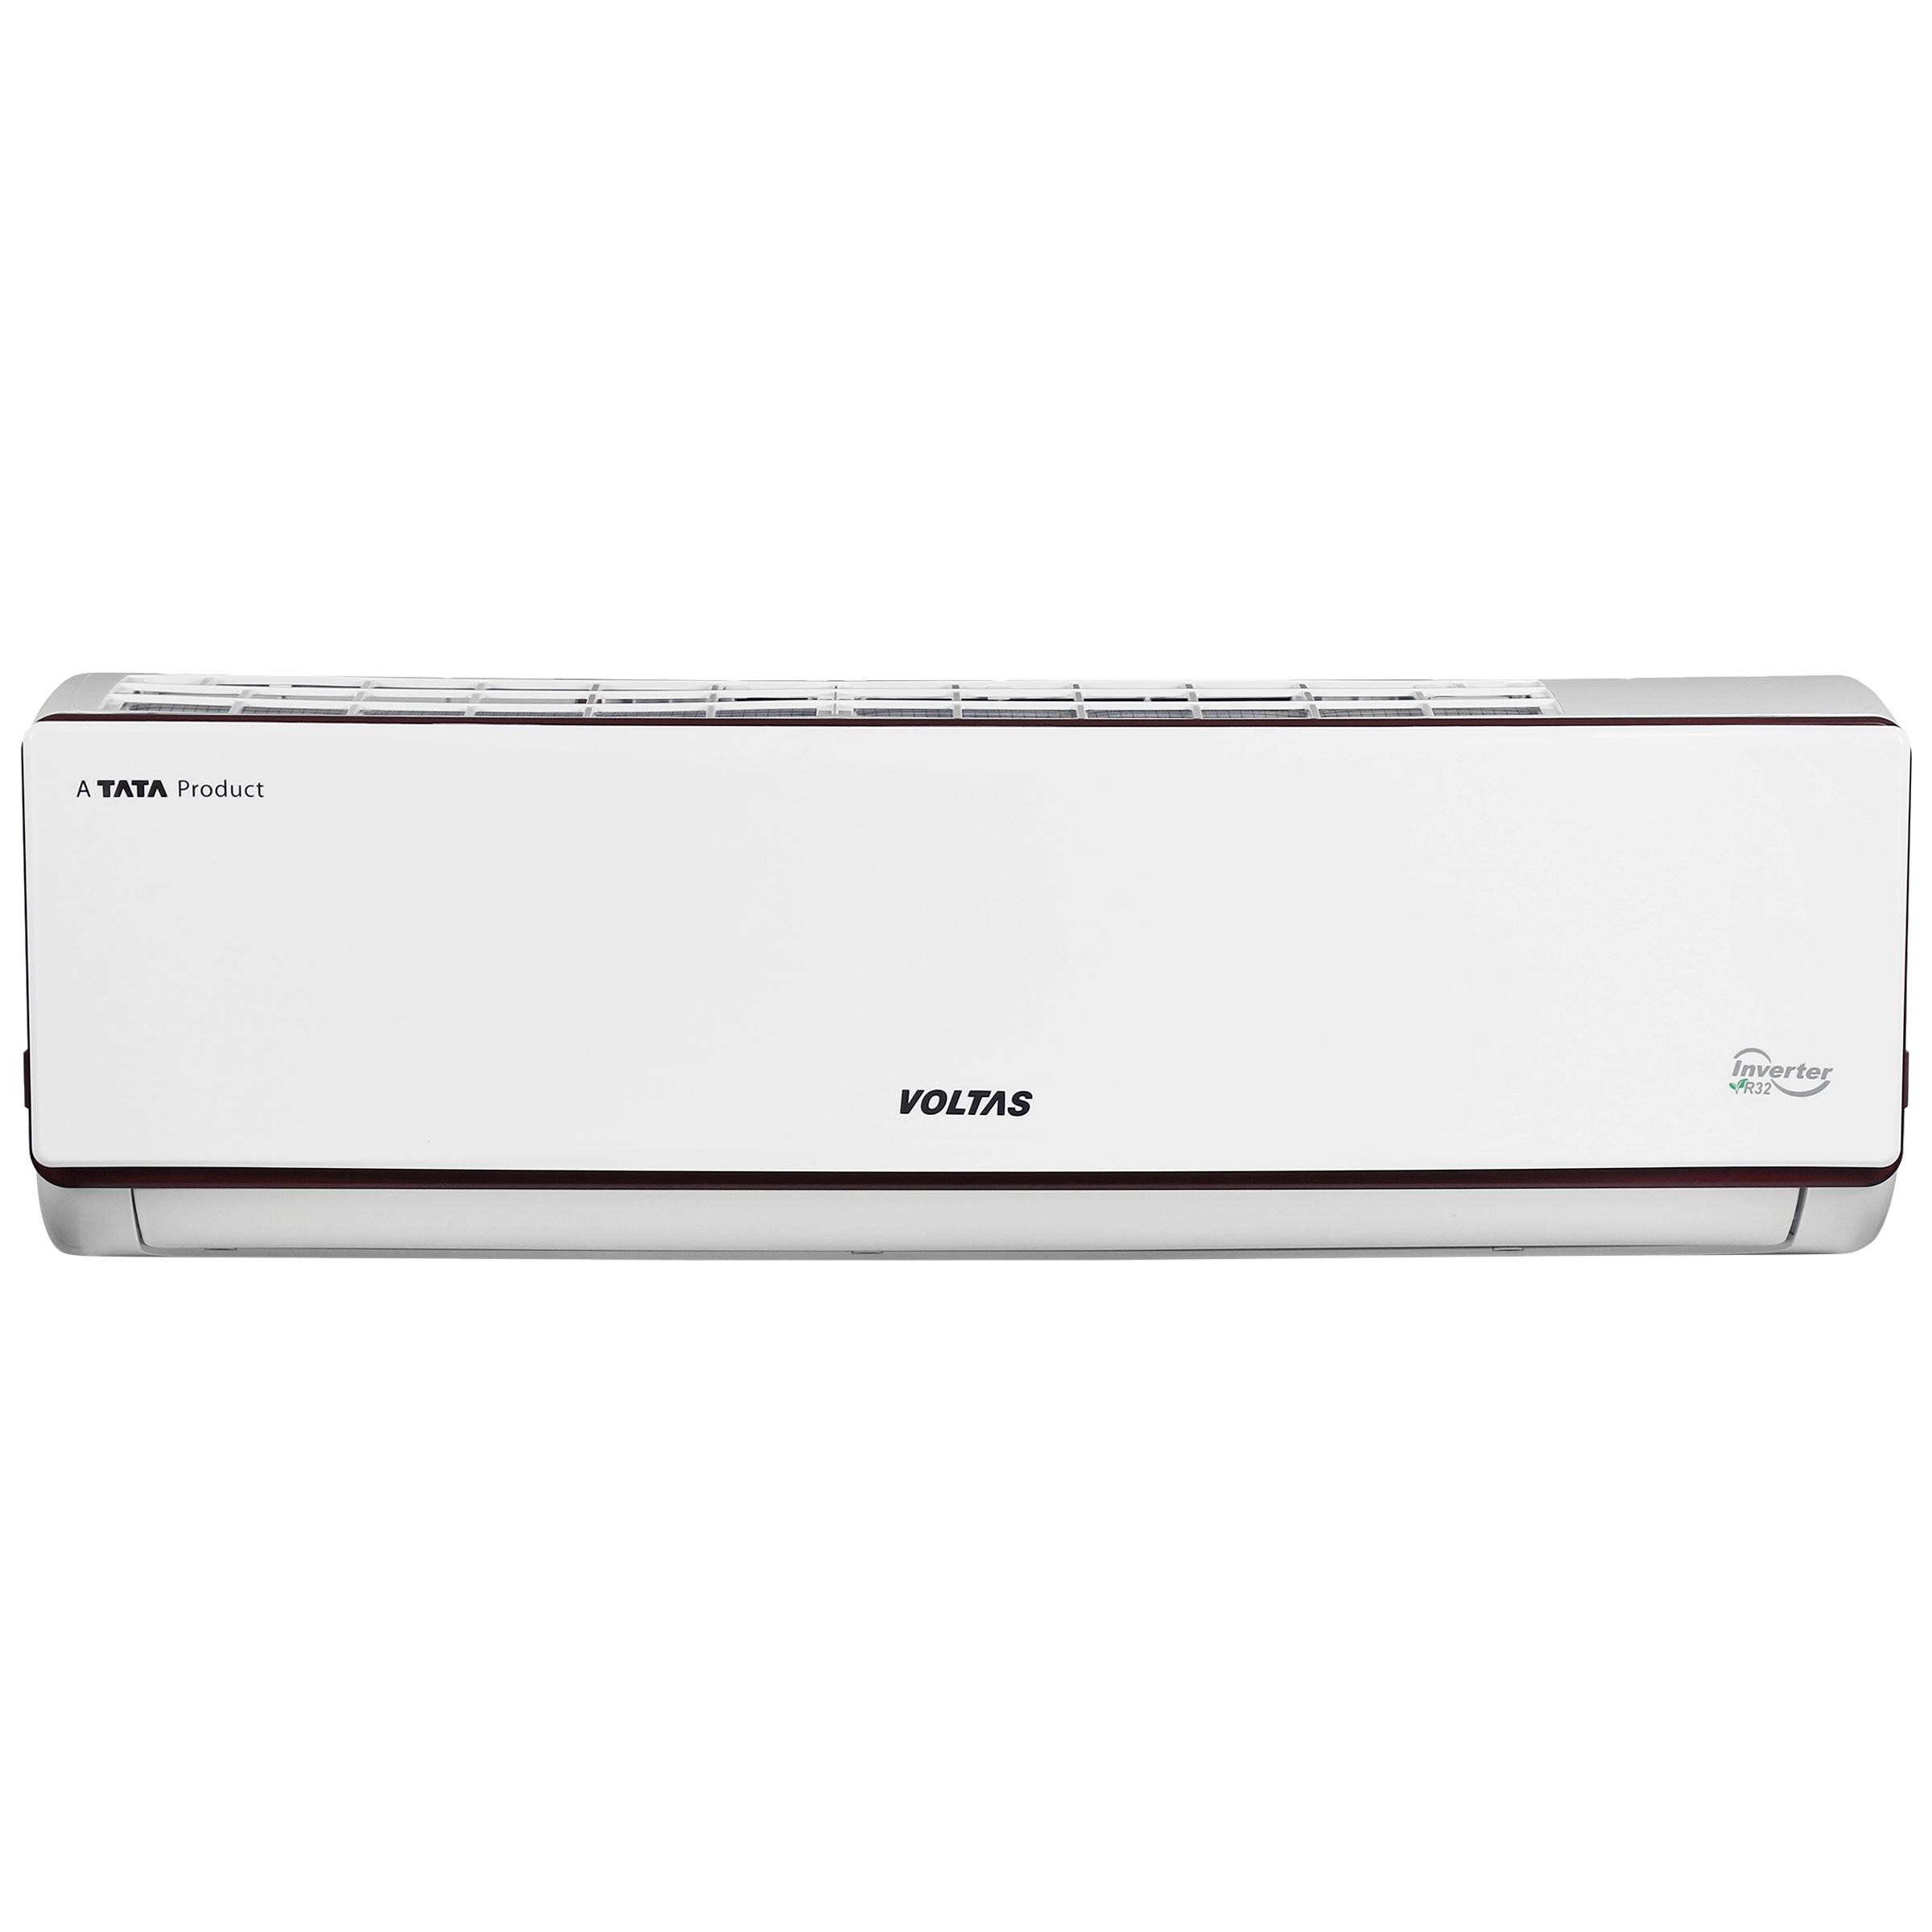 Voltas SAC 1.4 Ton 3 Star Inverter Split AC (Copper Condenser, 173V ADJ, White)_1